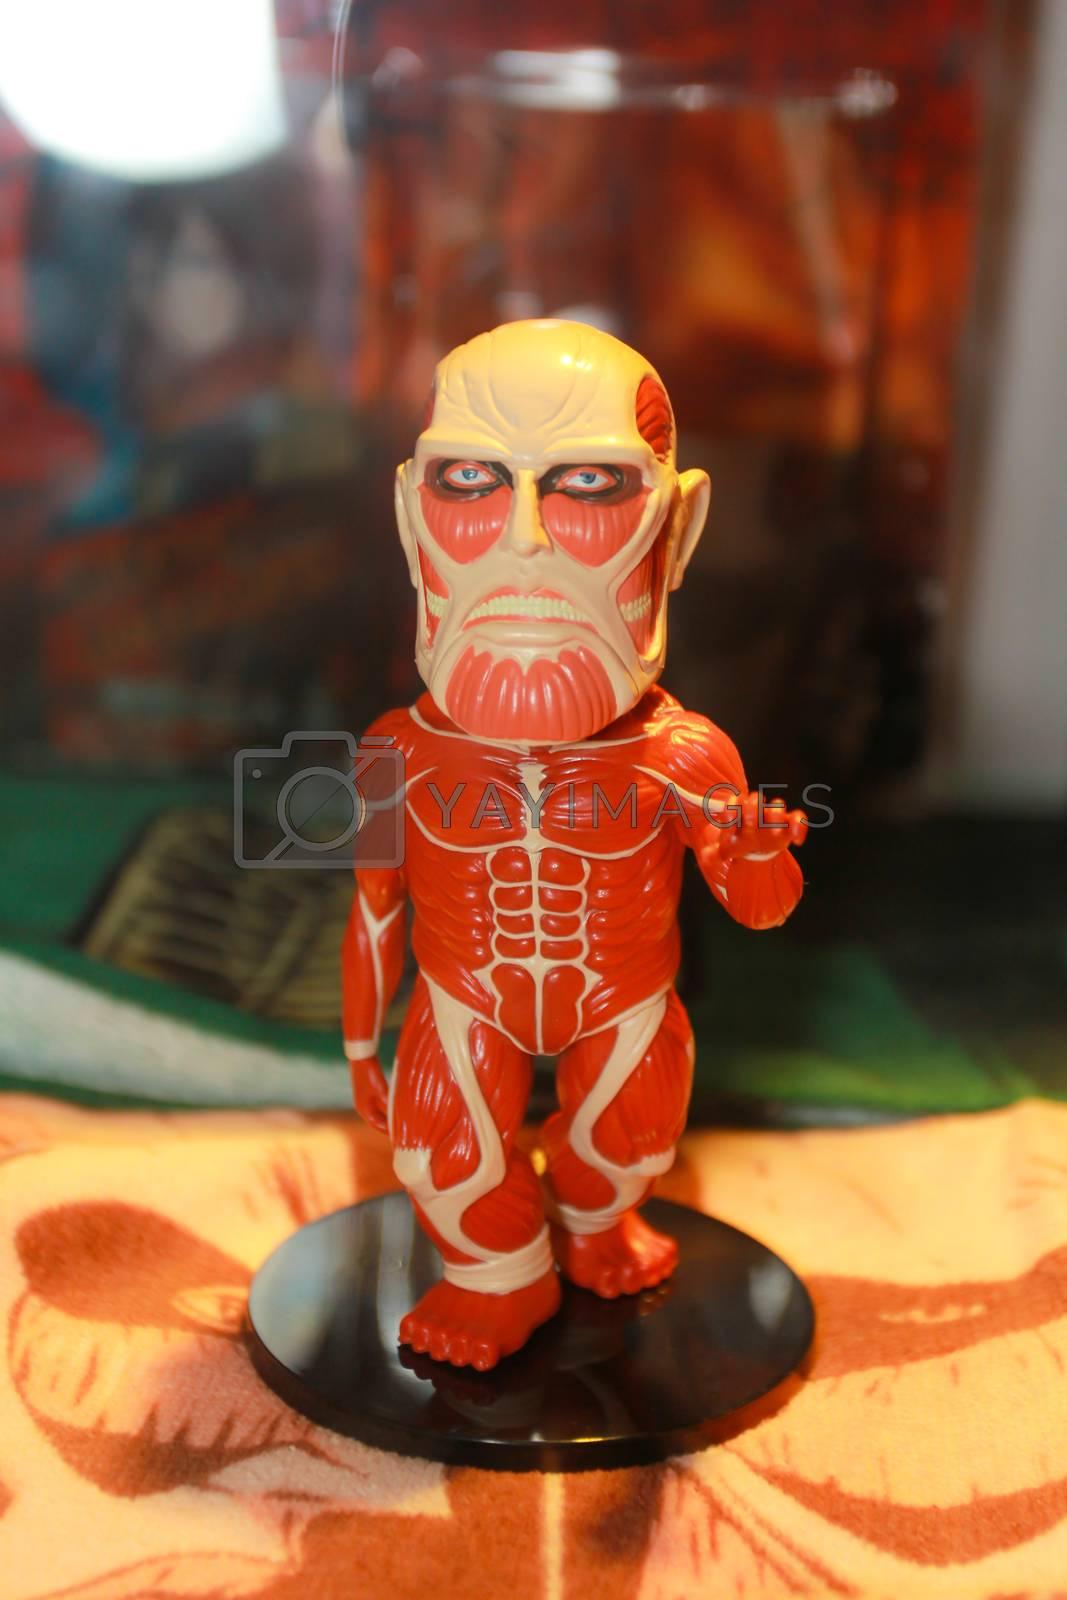 BANGKOK - MAY. 11: An Attack on Titan model in Thailand Comic Con 2014 on May 11, 2014 at Siam Paragon, Bangkok, Thailand.